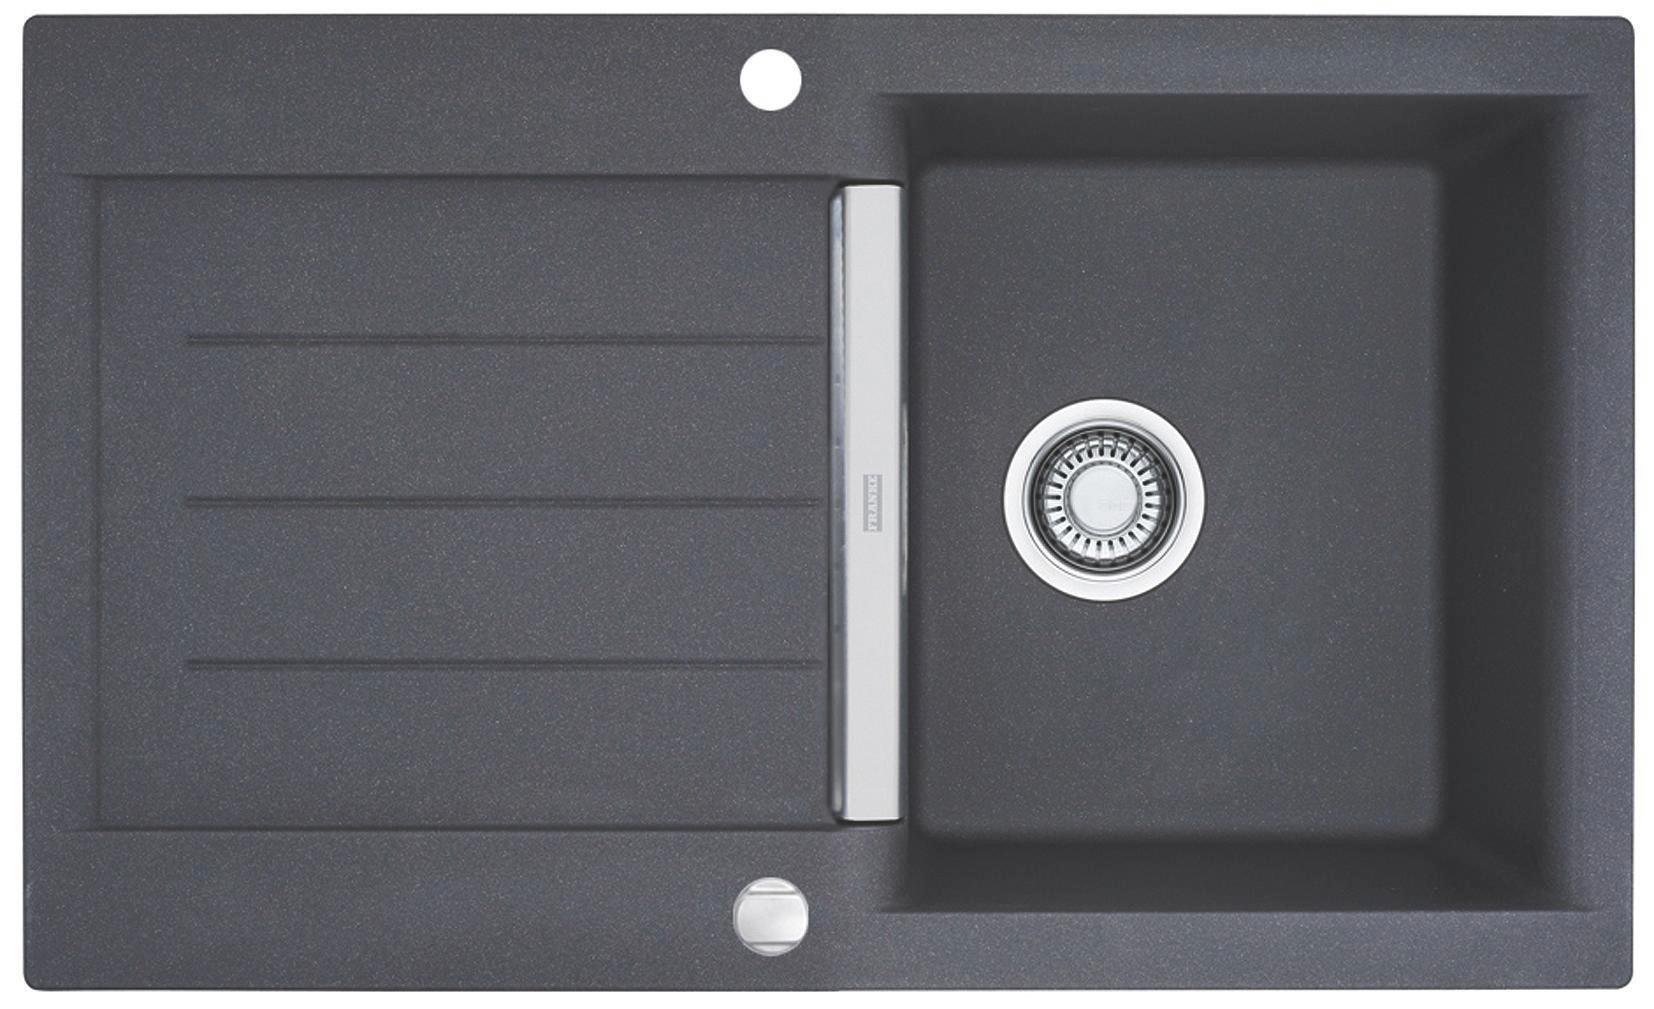 Spüle Java - Jag 611 online kaufen ➤ mömax